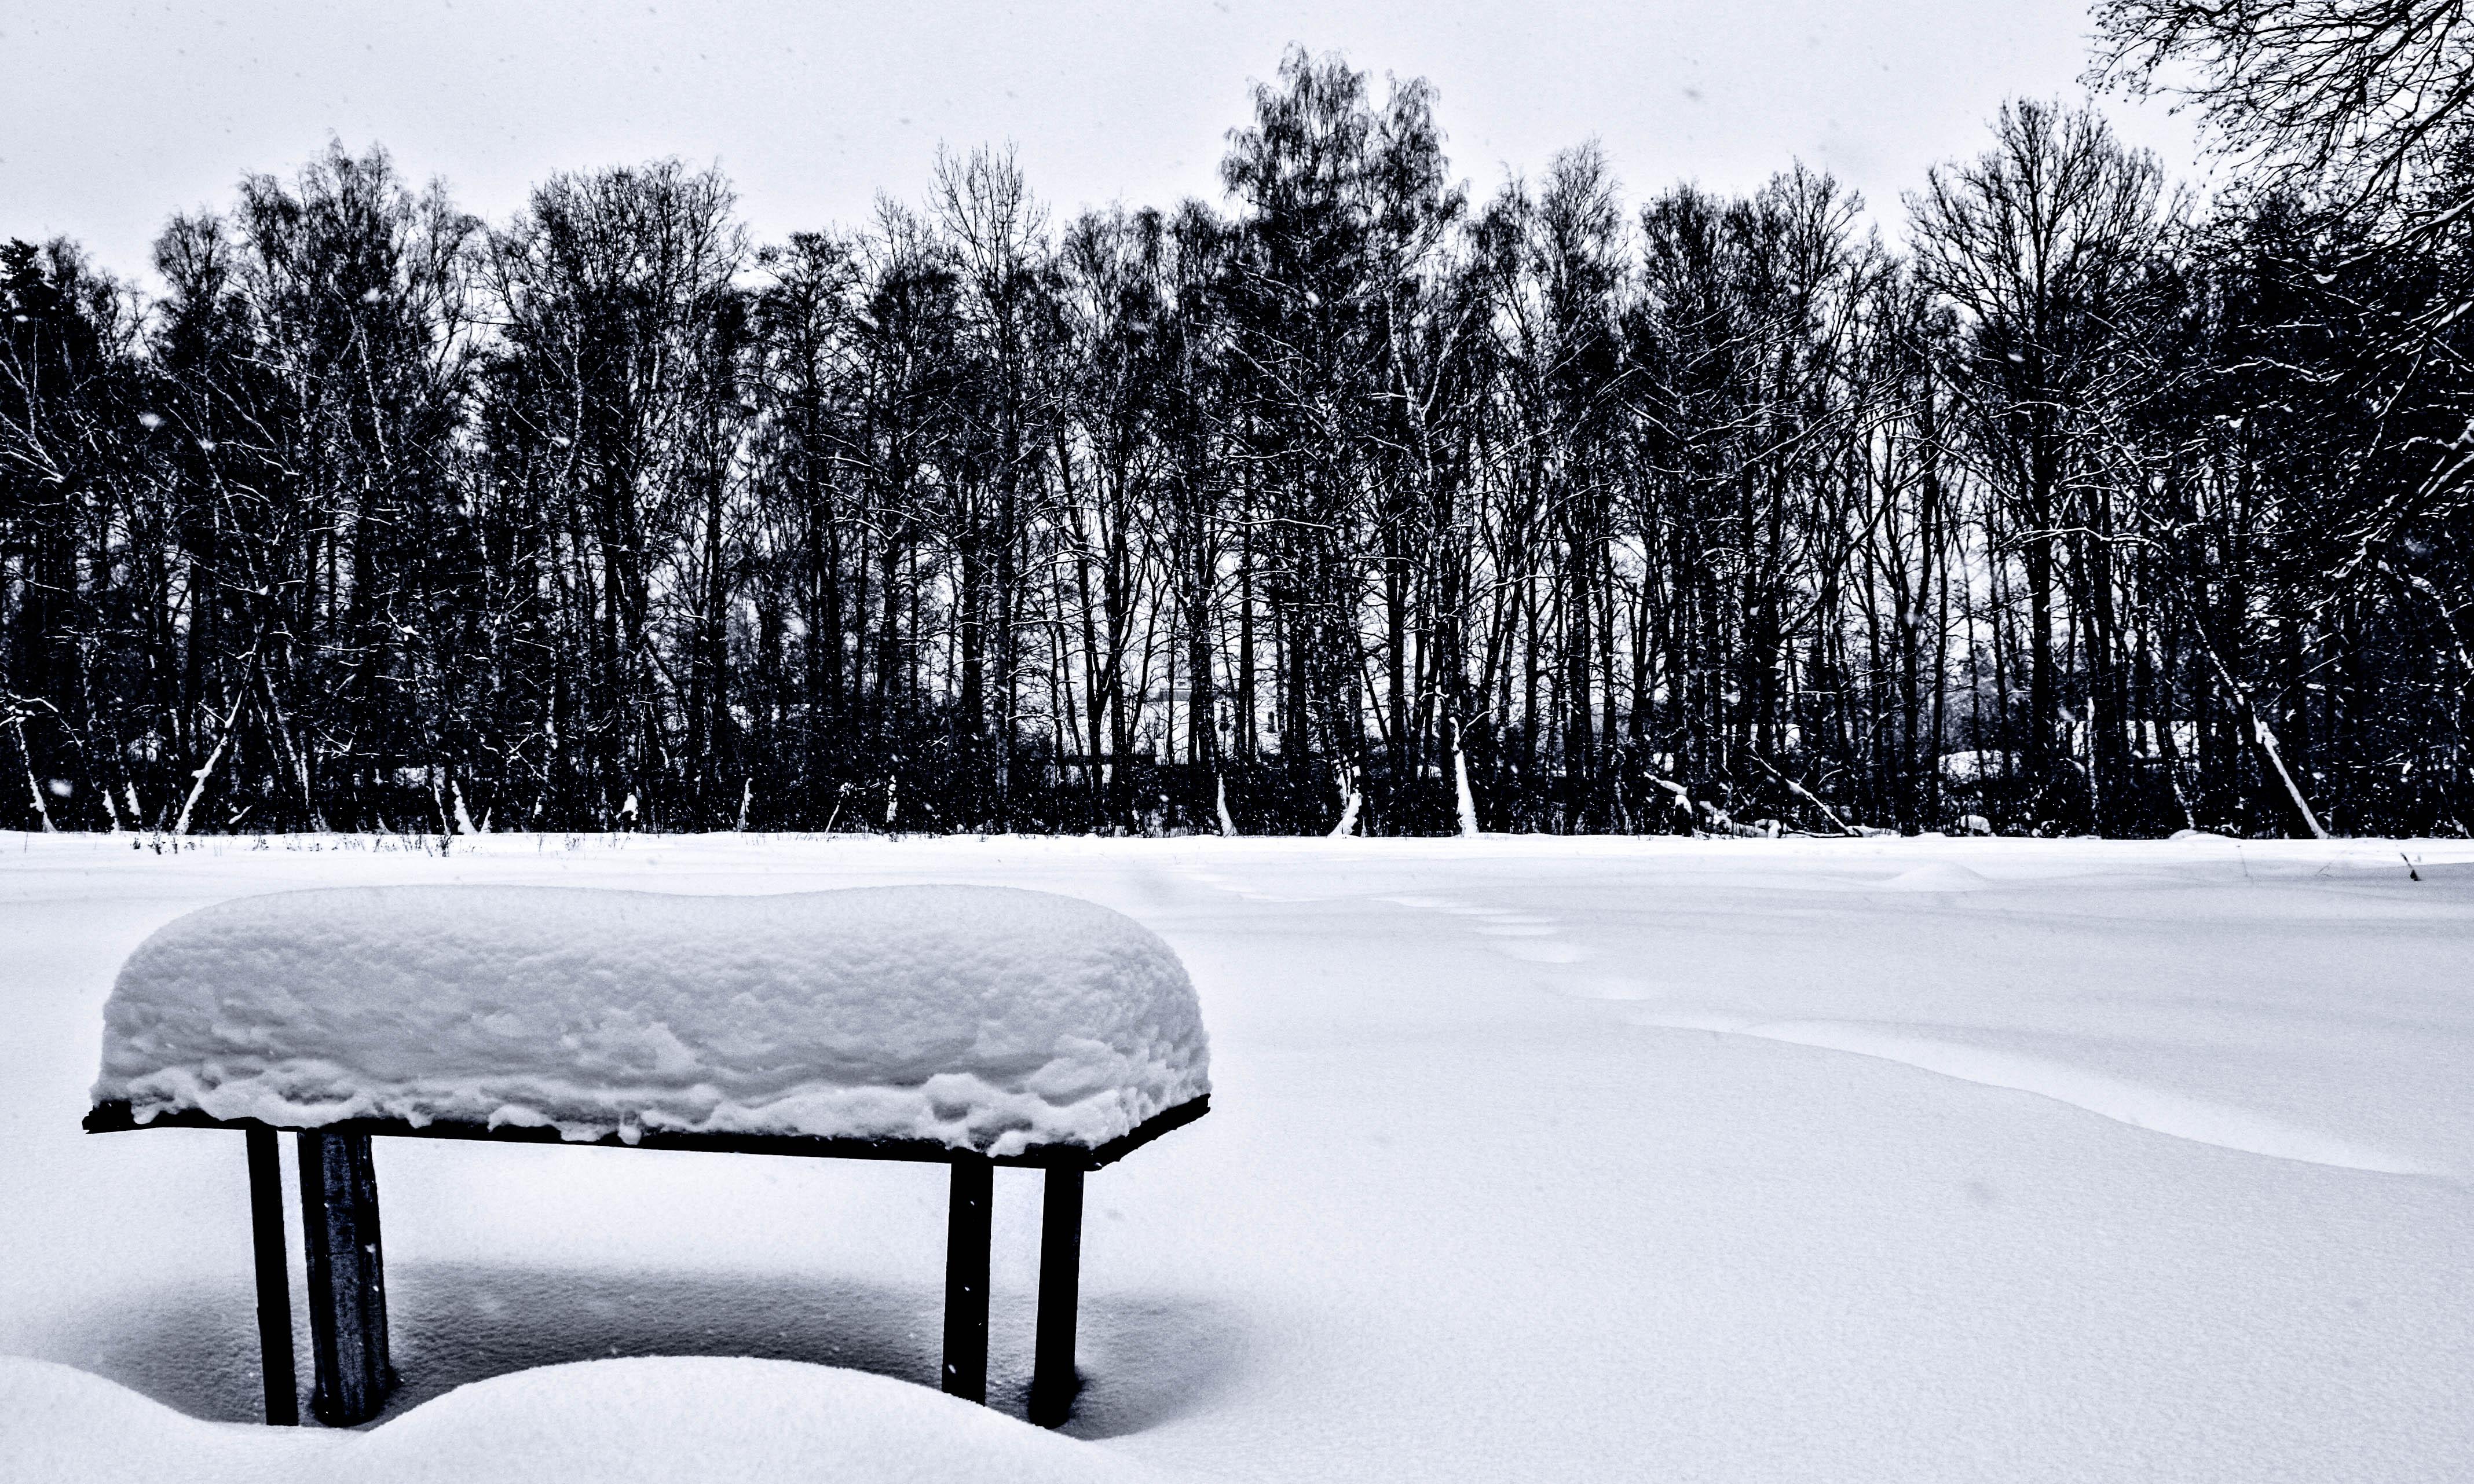 Наконец-то с неба посыпался снег! В связи с этим хочу поделиться своими прошлогодними фото по теме... - Изображение 1